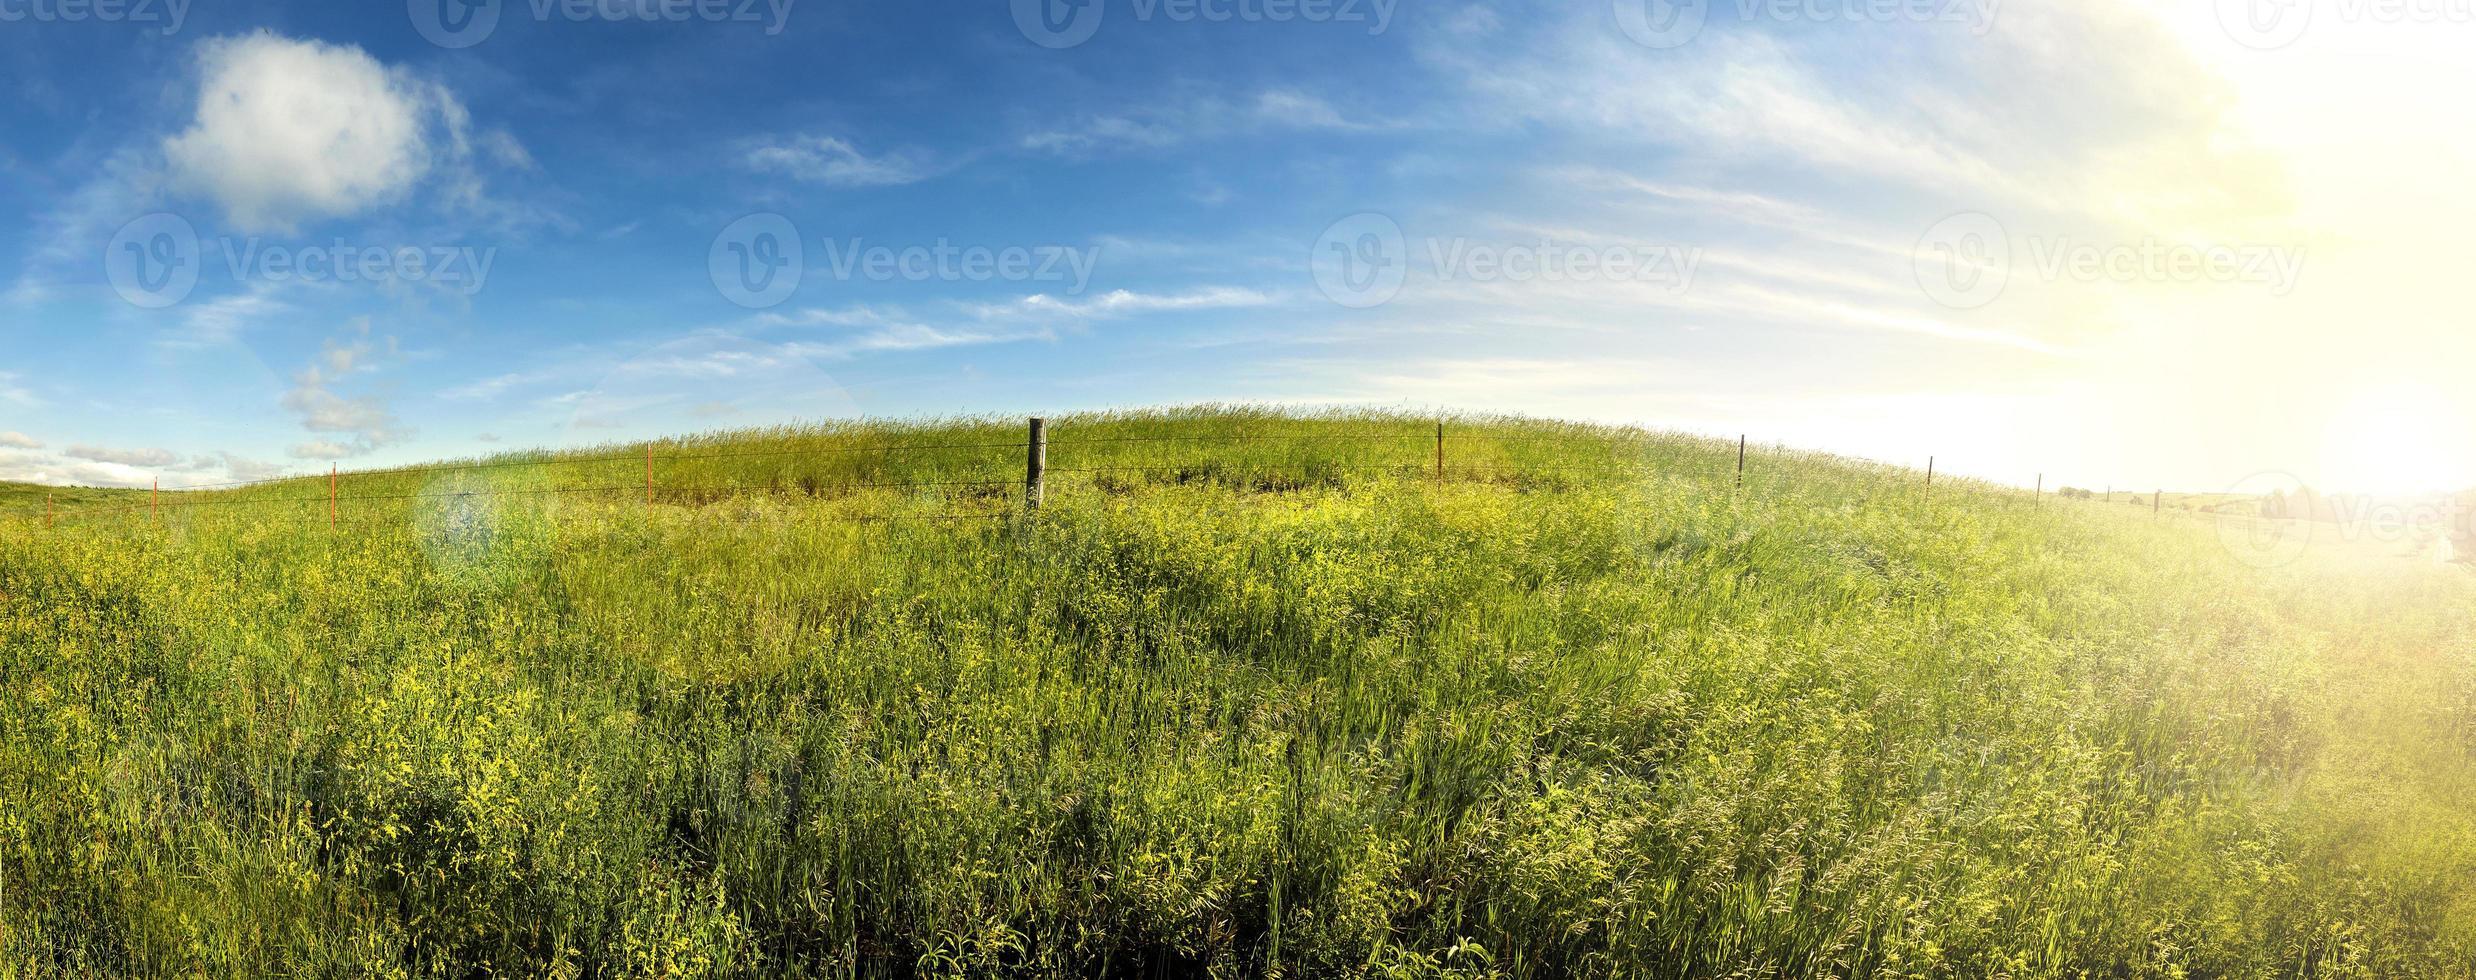 giorni estivi, alba sulla terra dell'erba del Dakota del Sud. foto